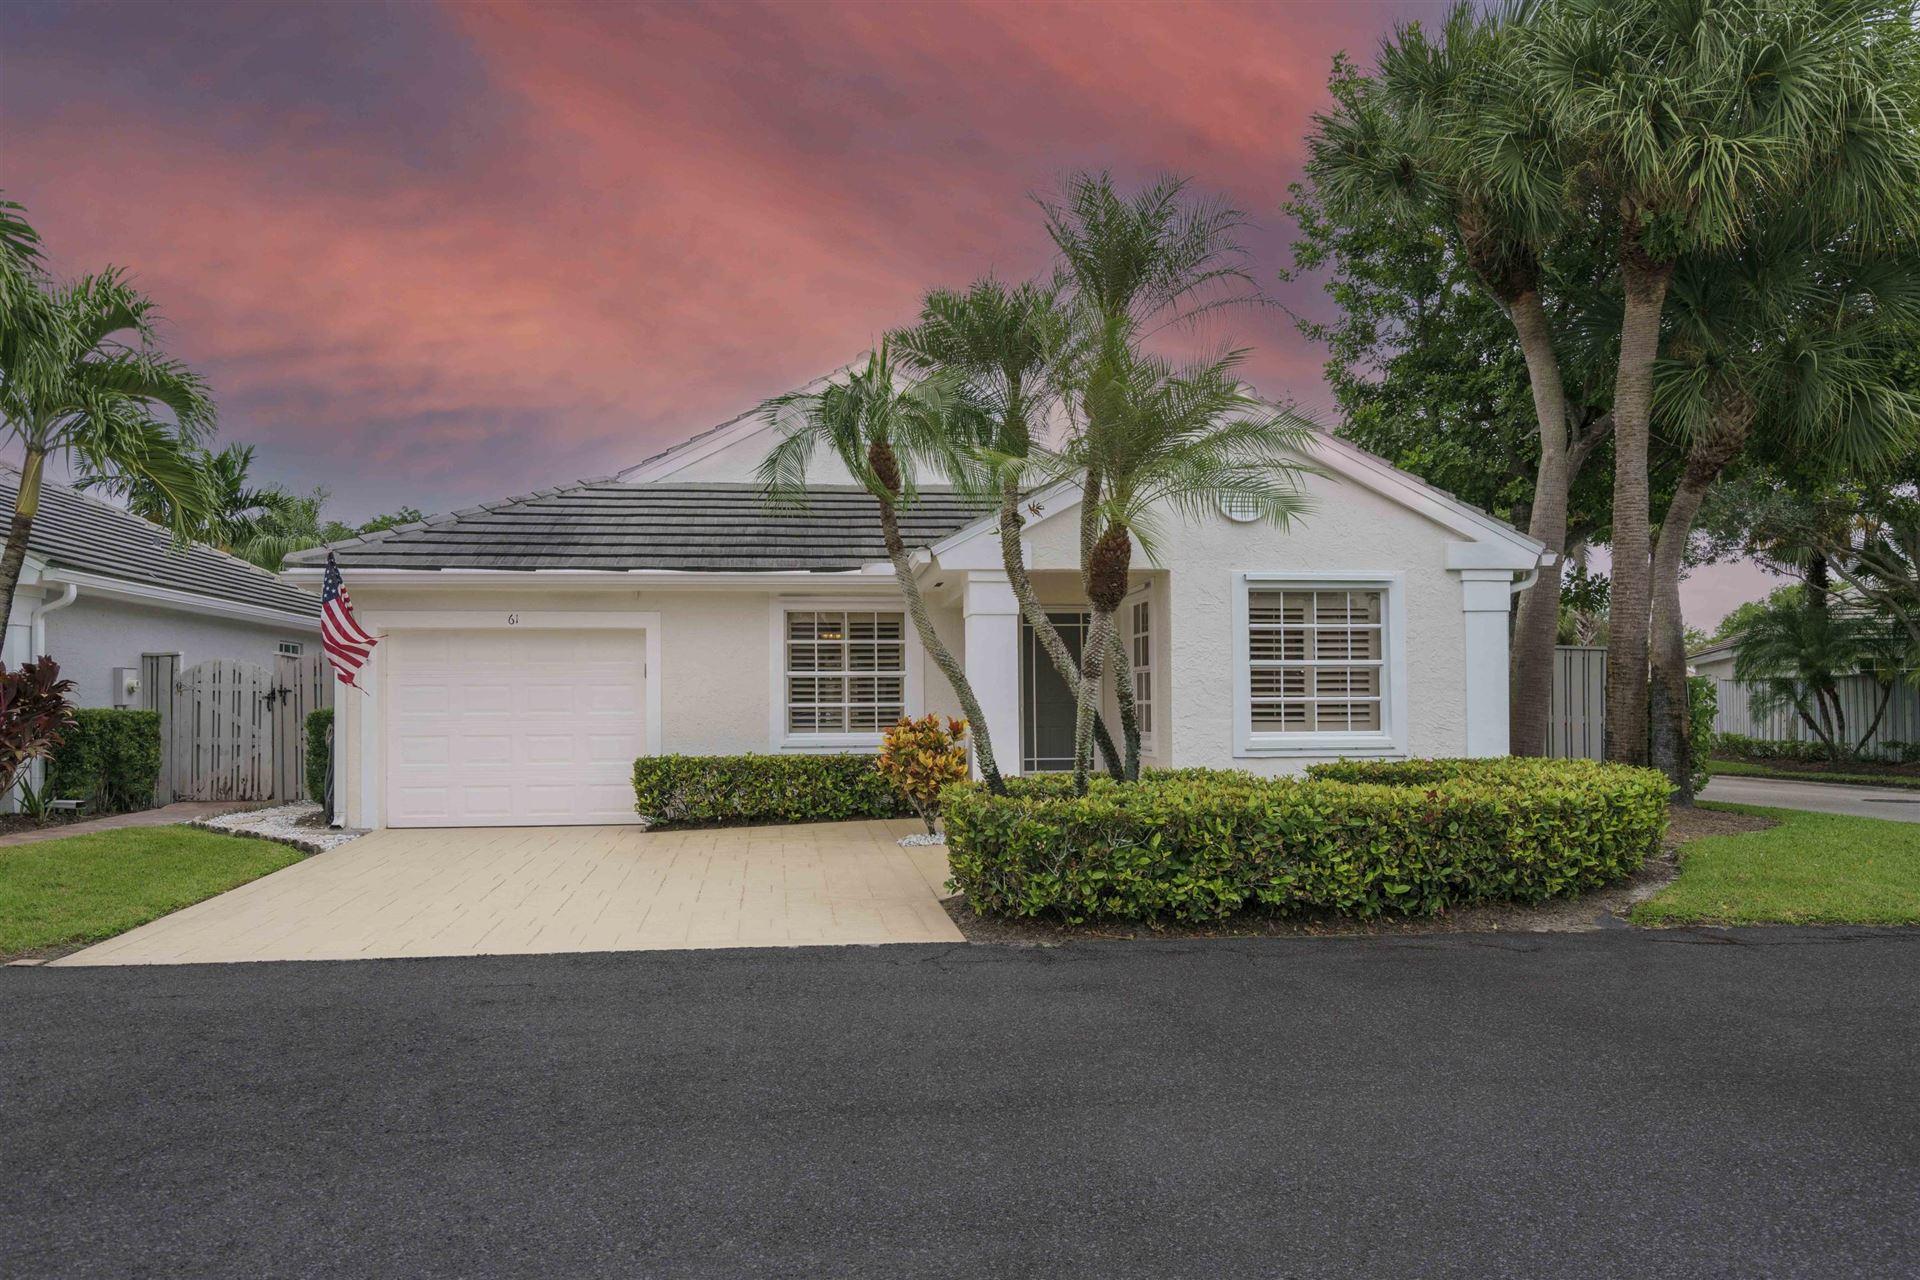 61 Admirals Court, Palm Beach Gardens, FL 33418 - #: RX-10669169